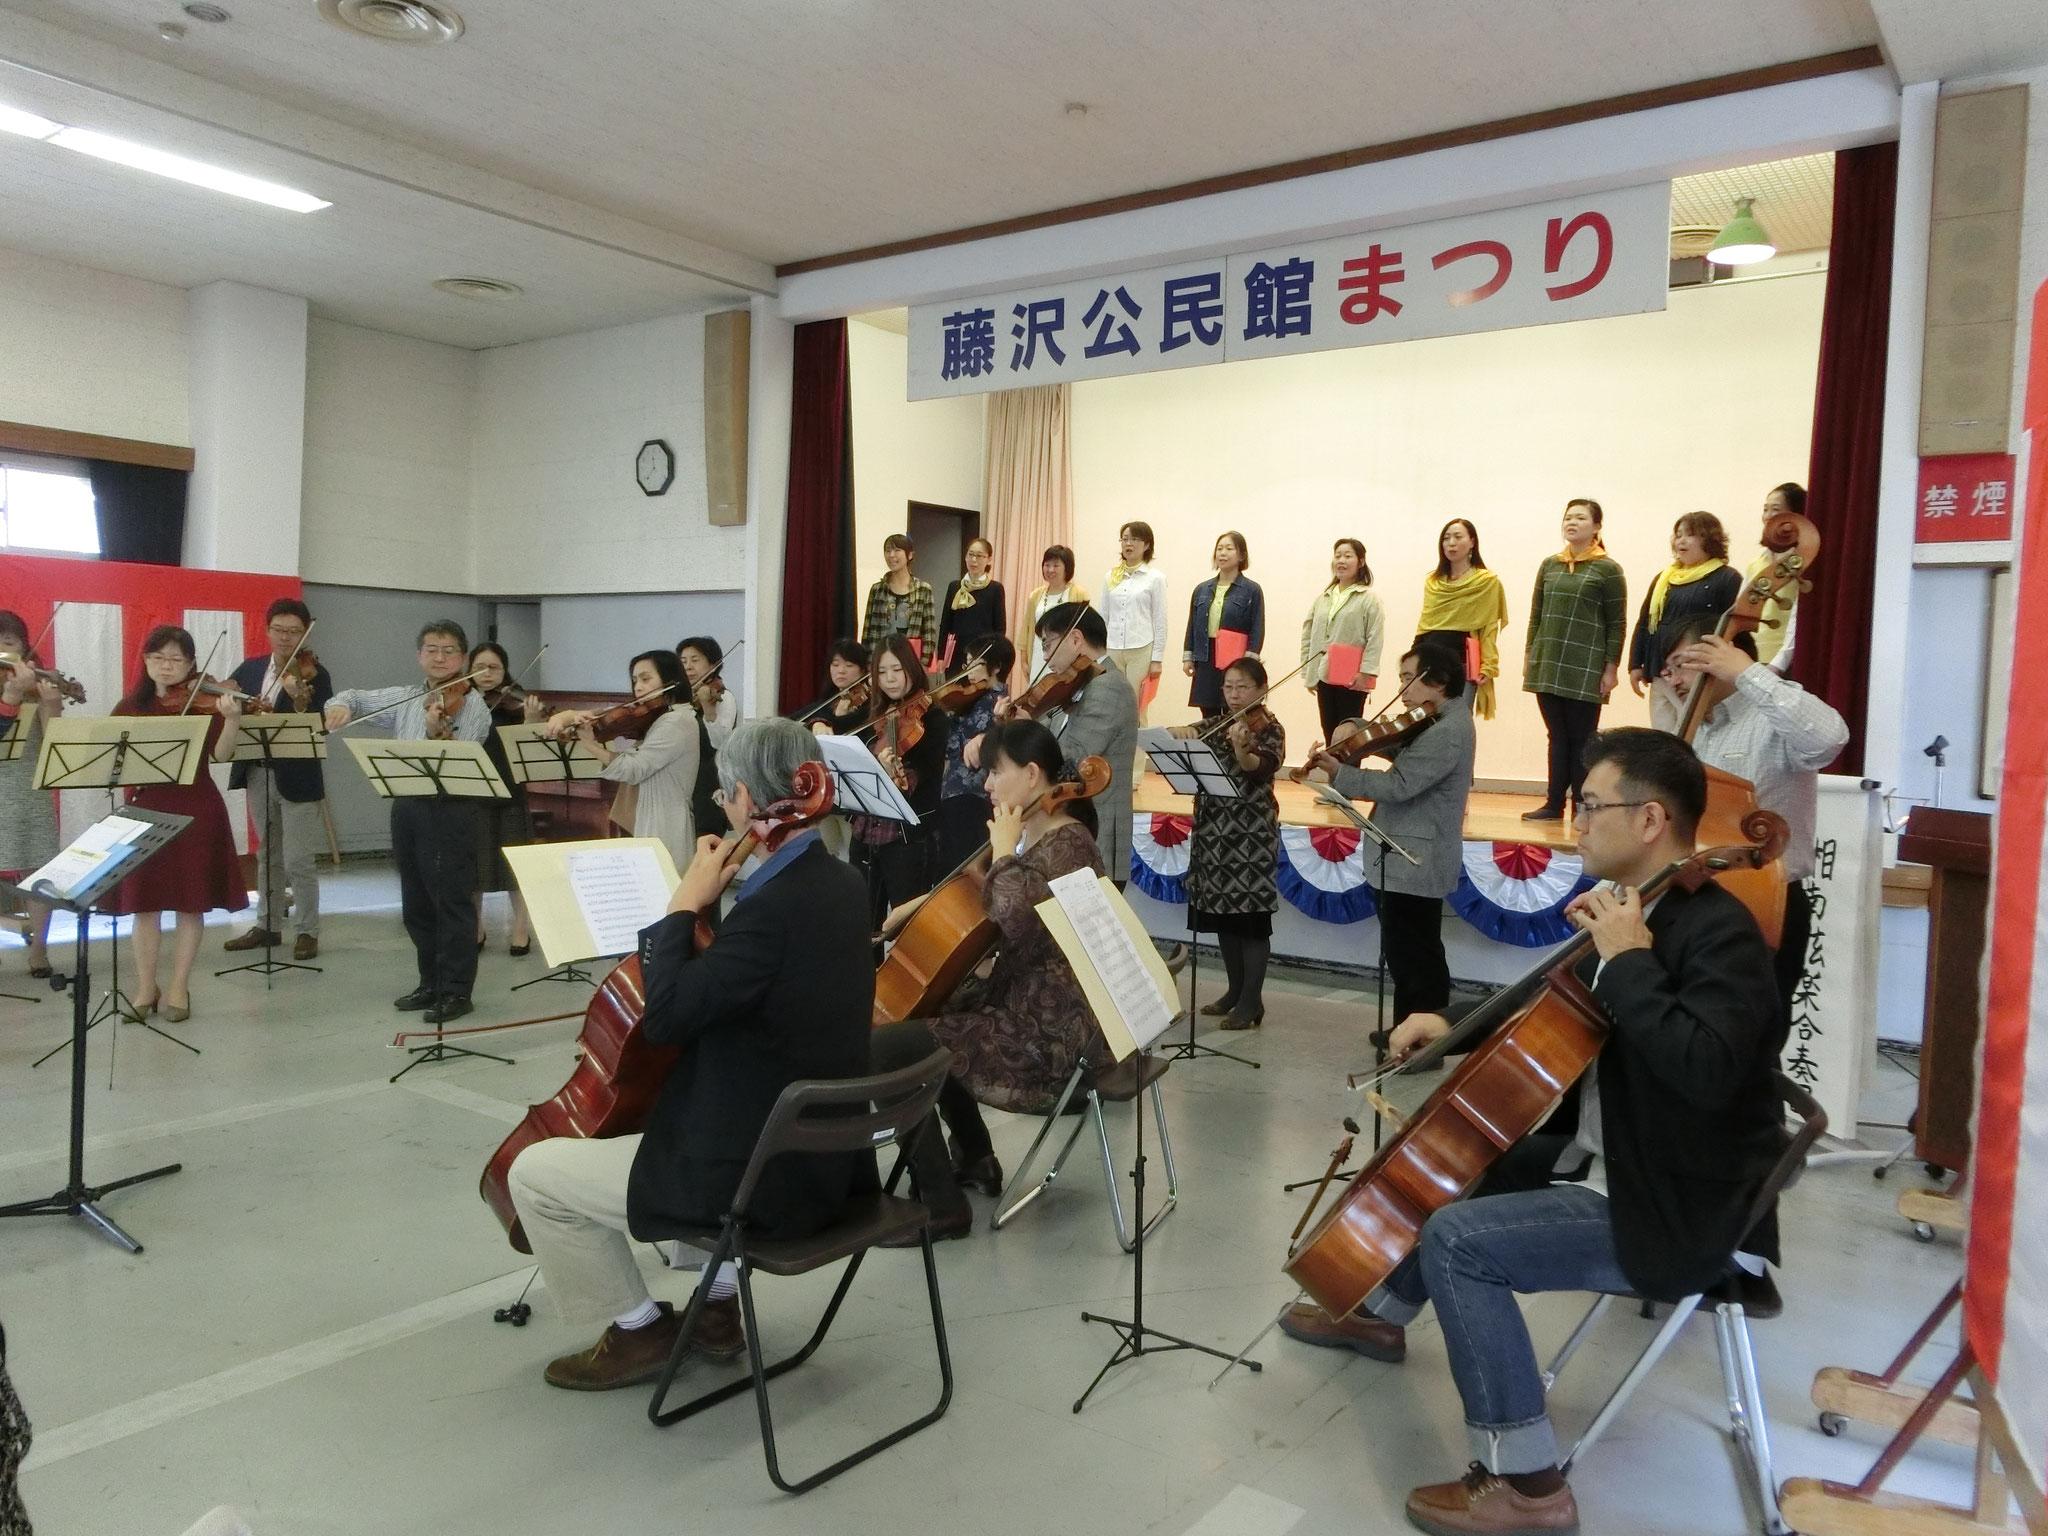 藤沢公民館祭りで湘南弦楽合奏団の皆さんと演奏